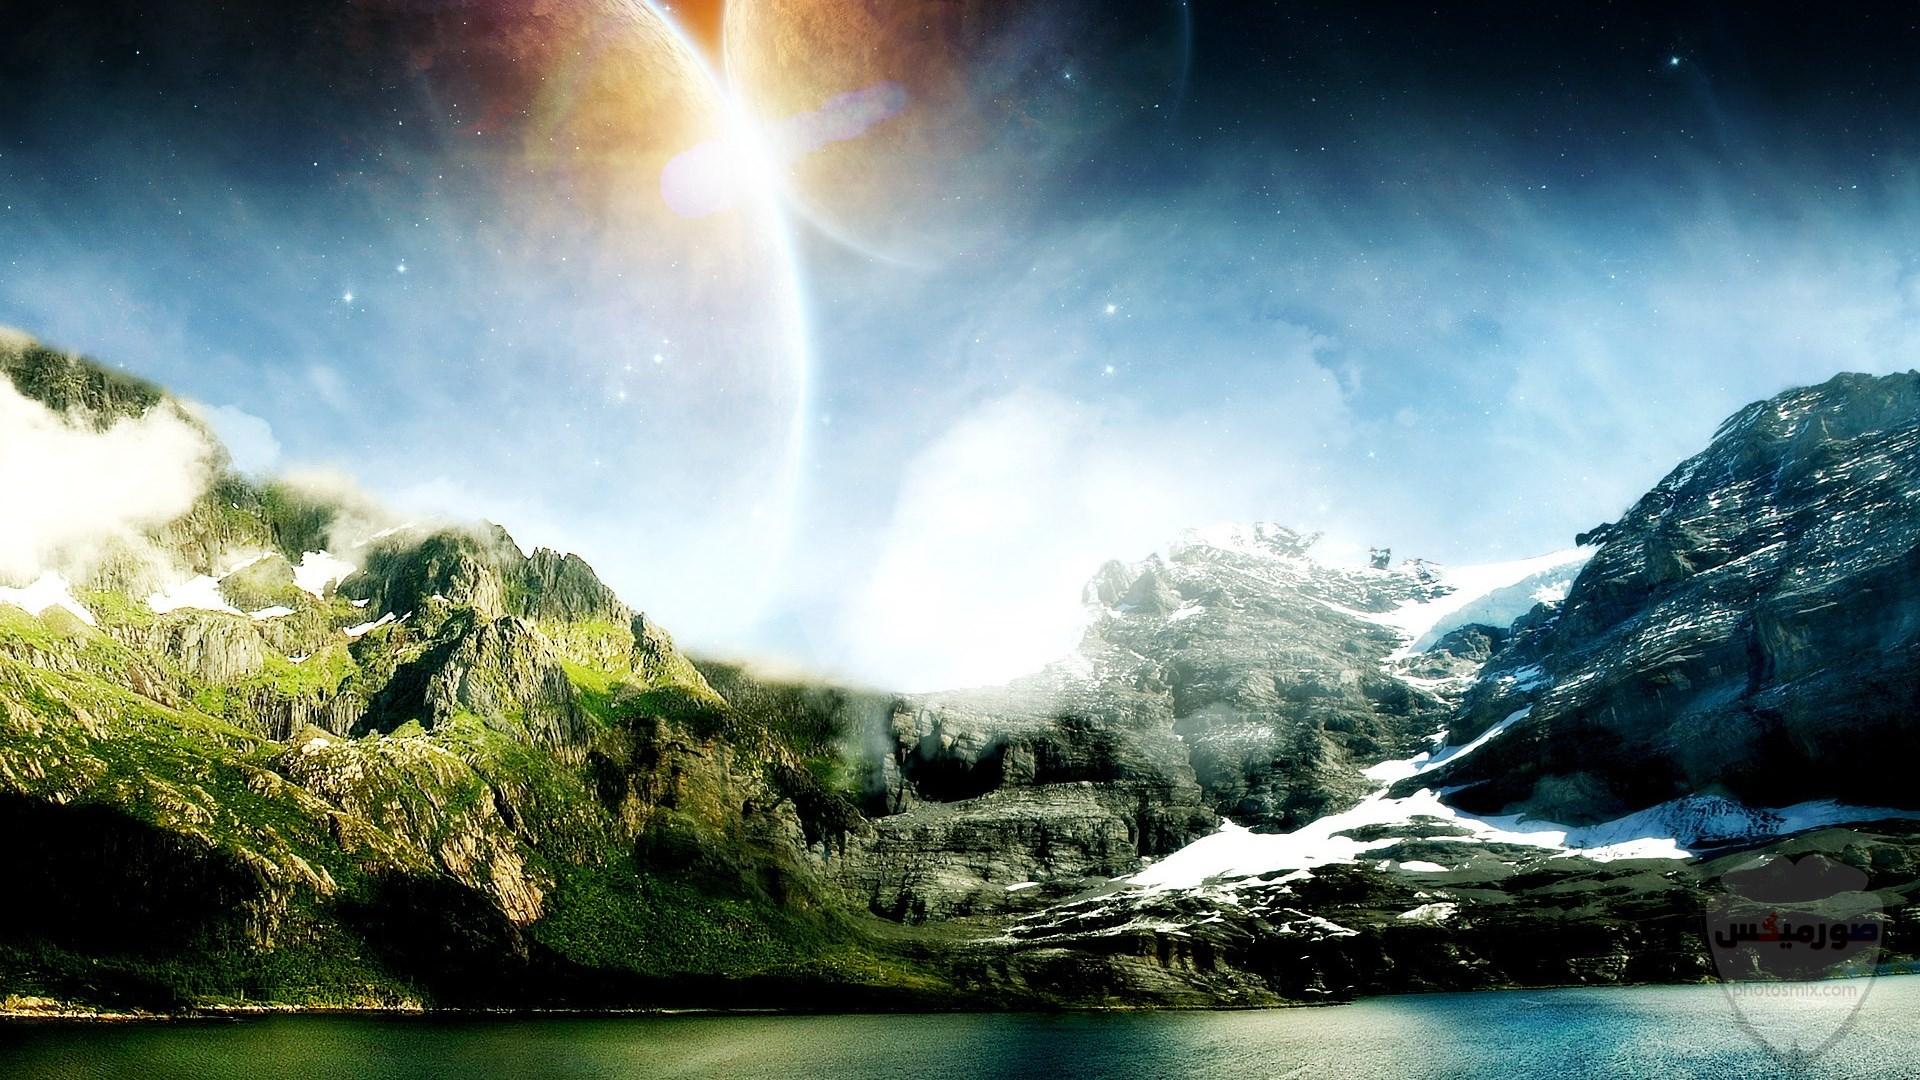 صور وخلفيات جبال وشلالات طبيعية HD خلفيات جبال خضراء وثلجية 7